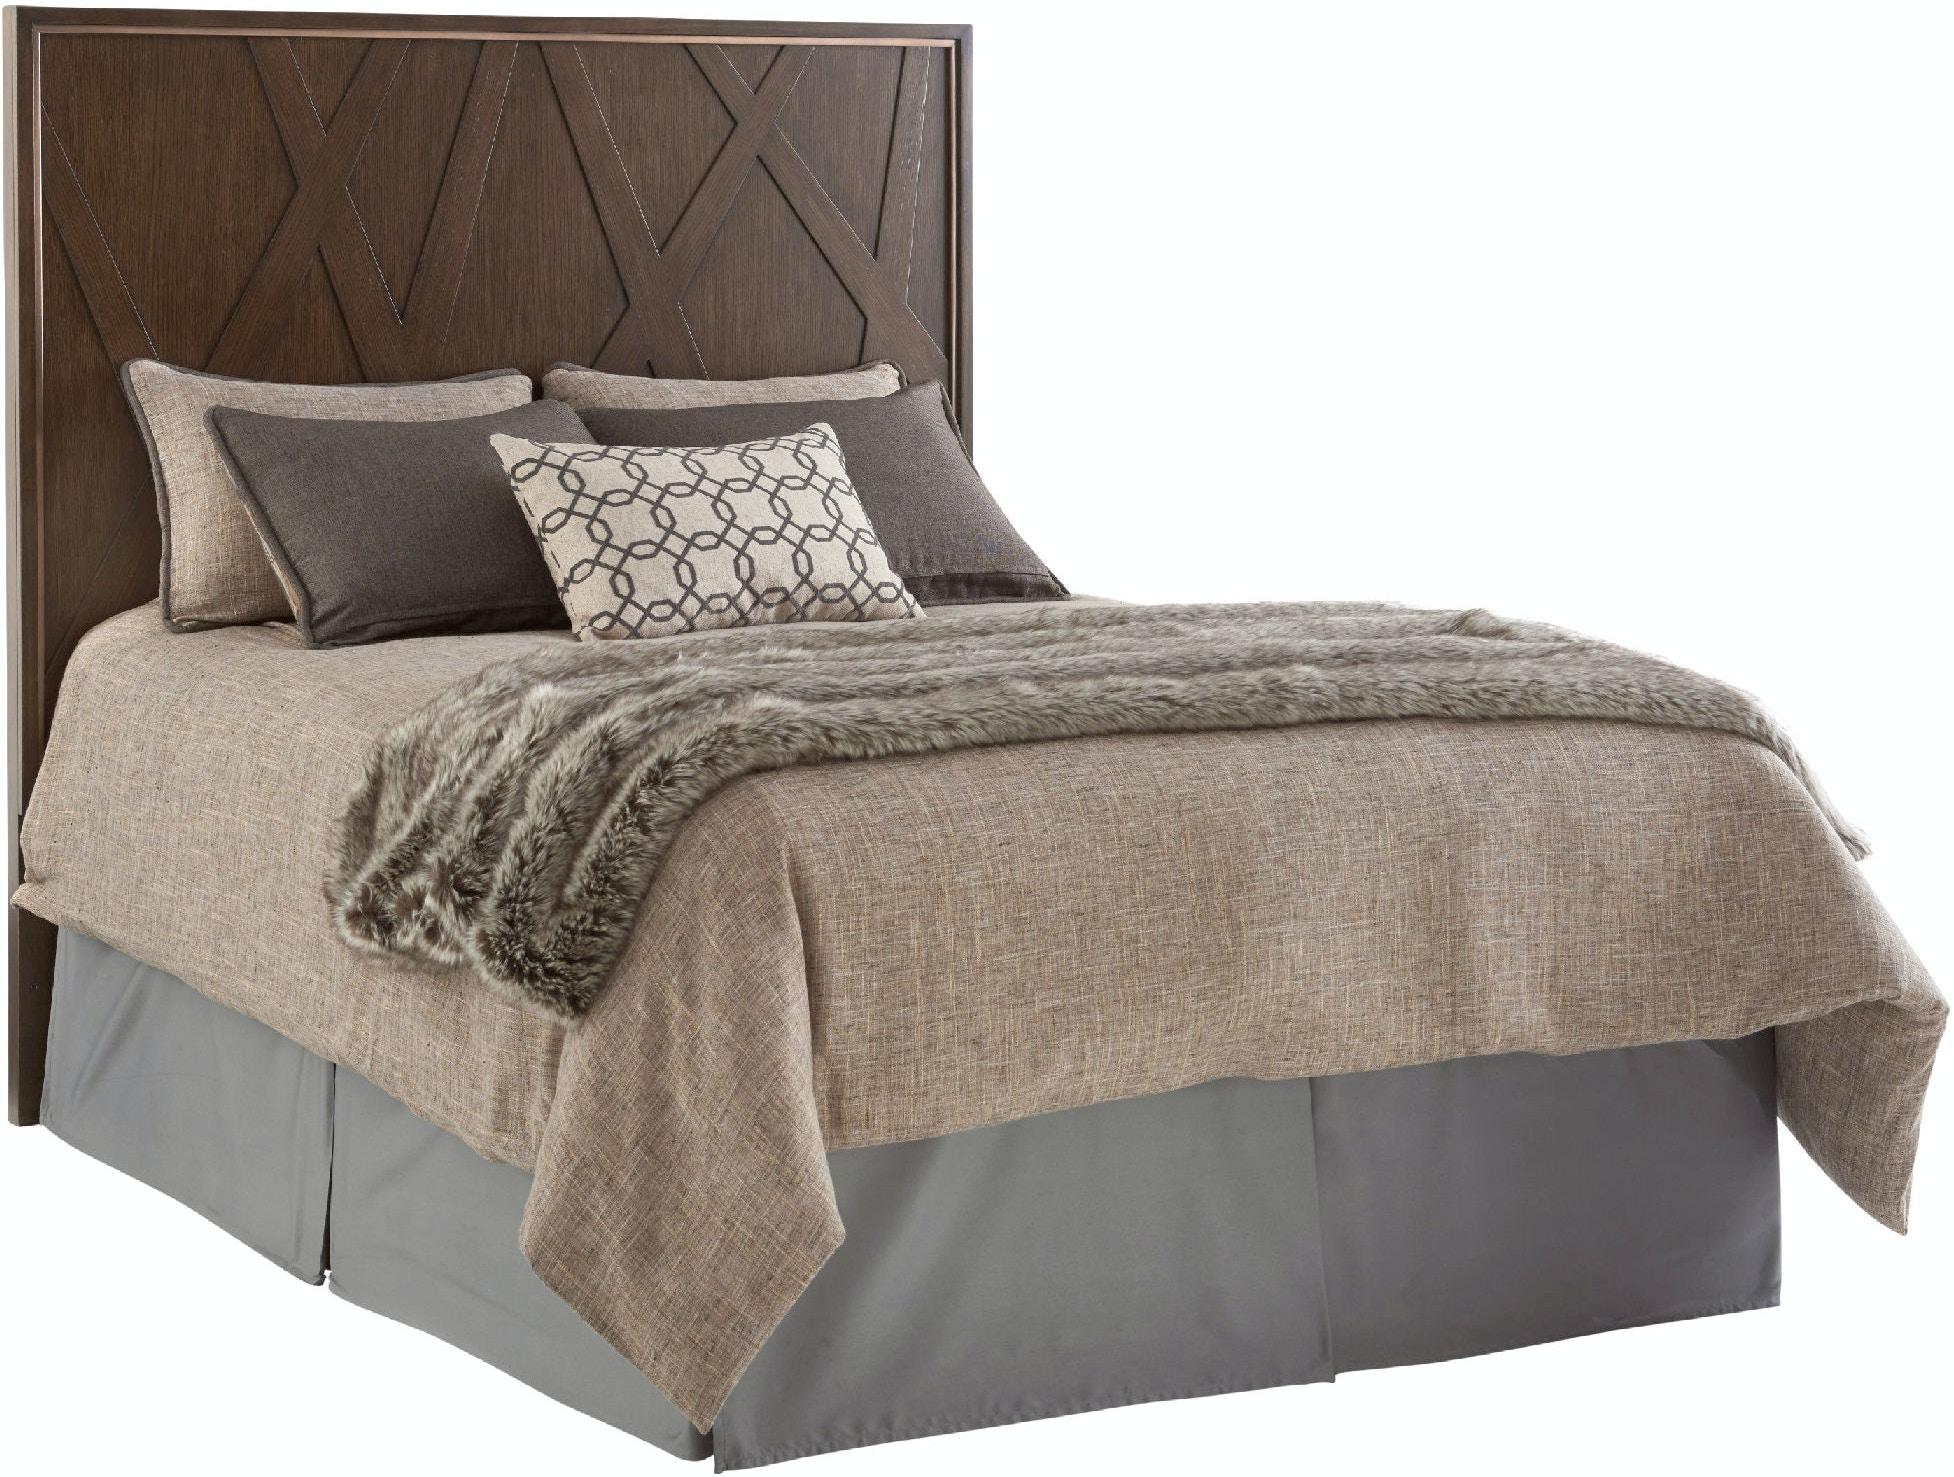 Queen Headboards Metal Highway Brown Metal Queen Size: Lexington Bedroom Radian Panel Bed 5/0 Queen Headboard 790